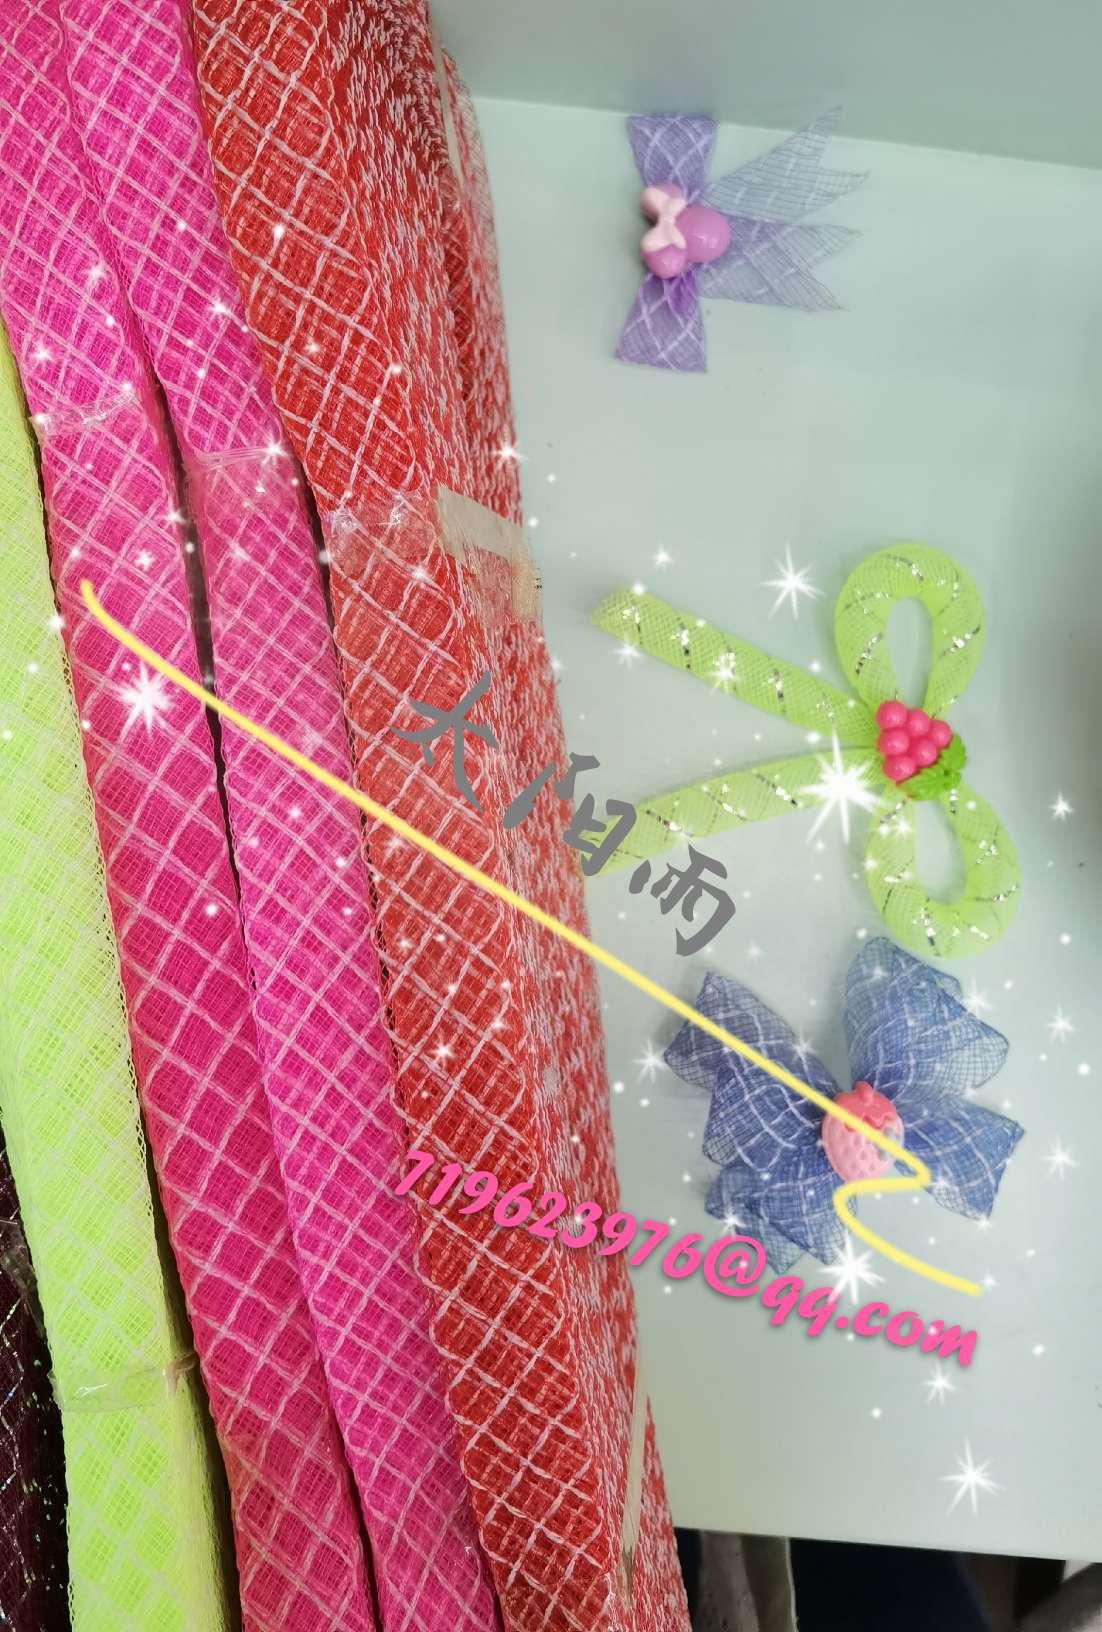 工艺品配件 饰品配件花 弹性纱网厂家直销 弹力网 格子带,盒子包装材料